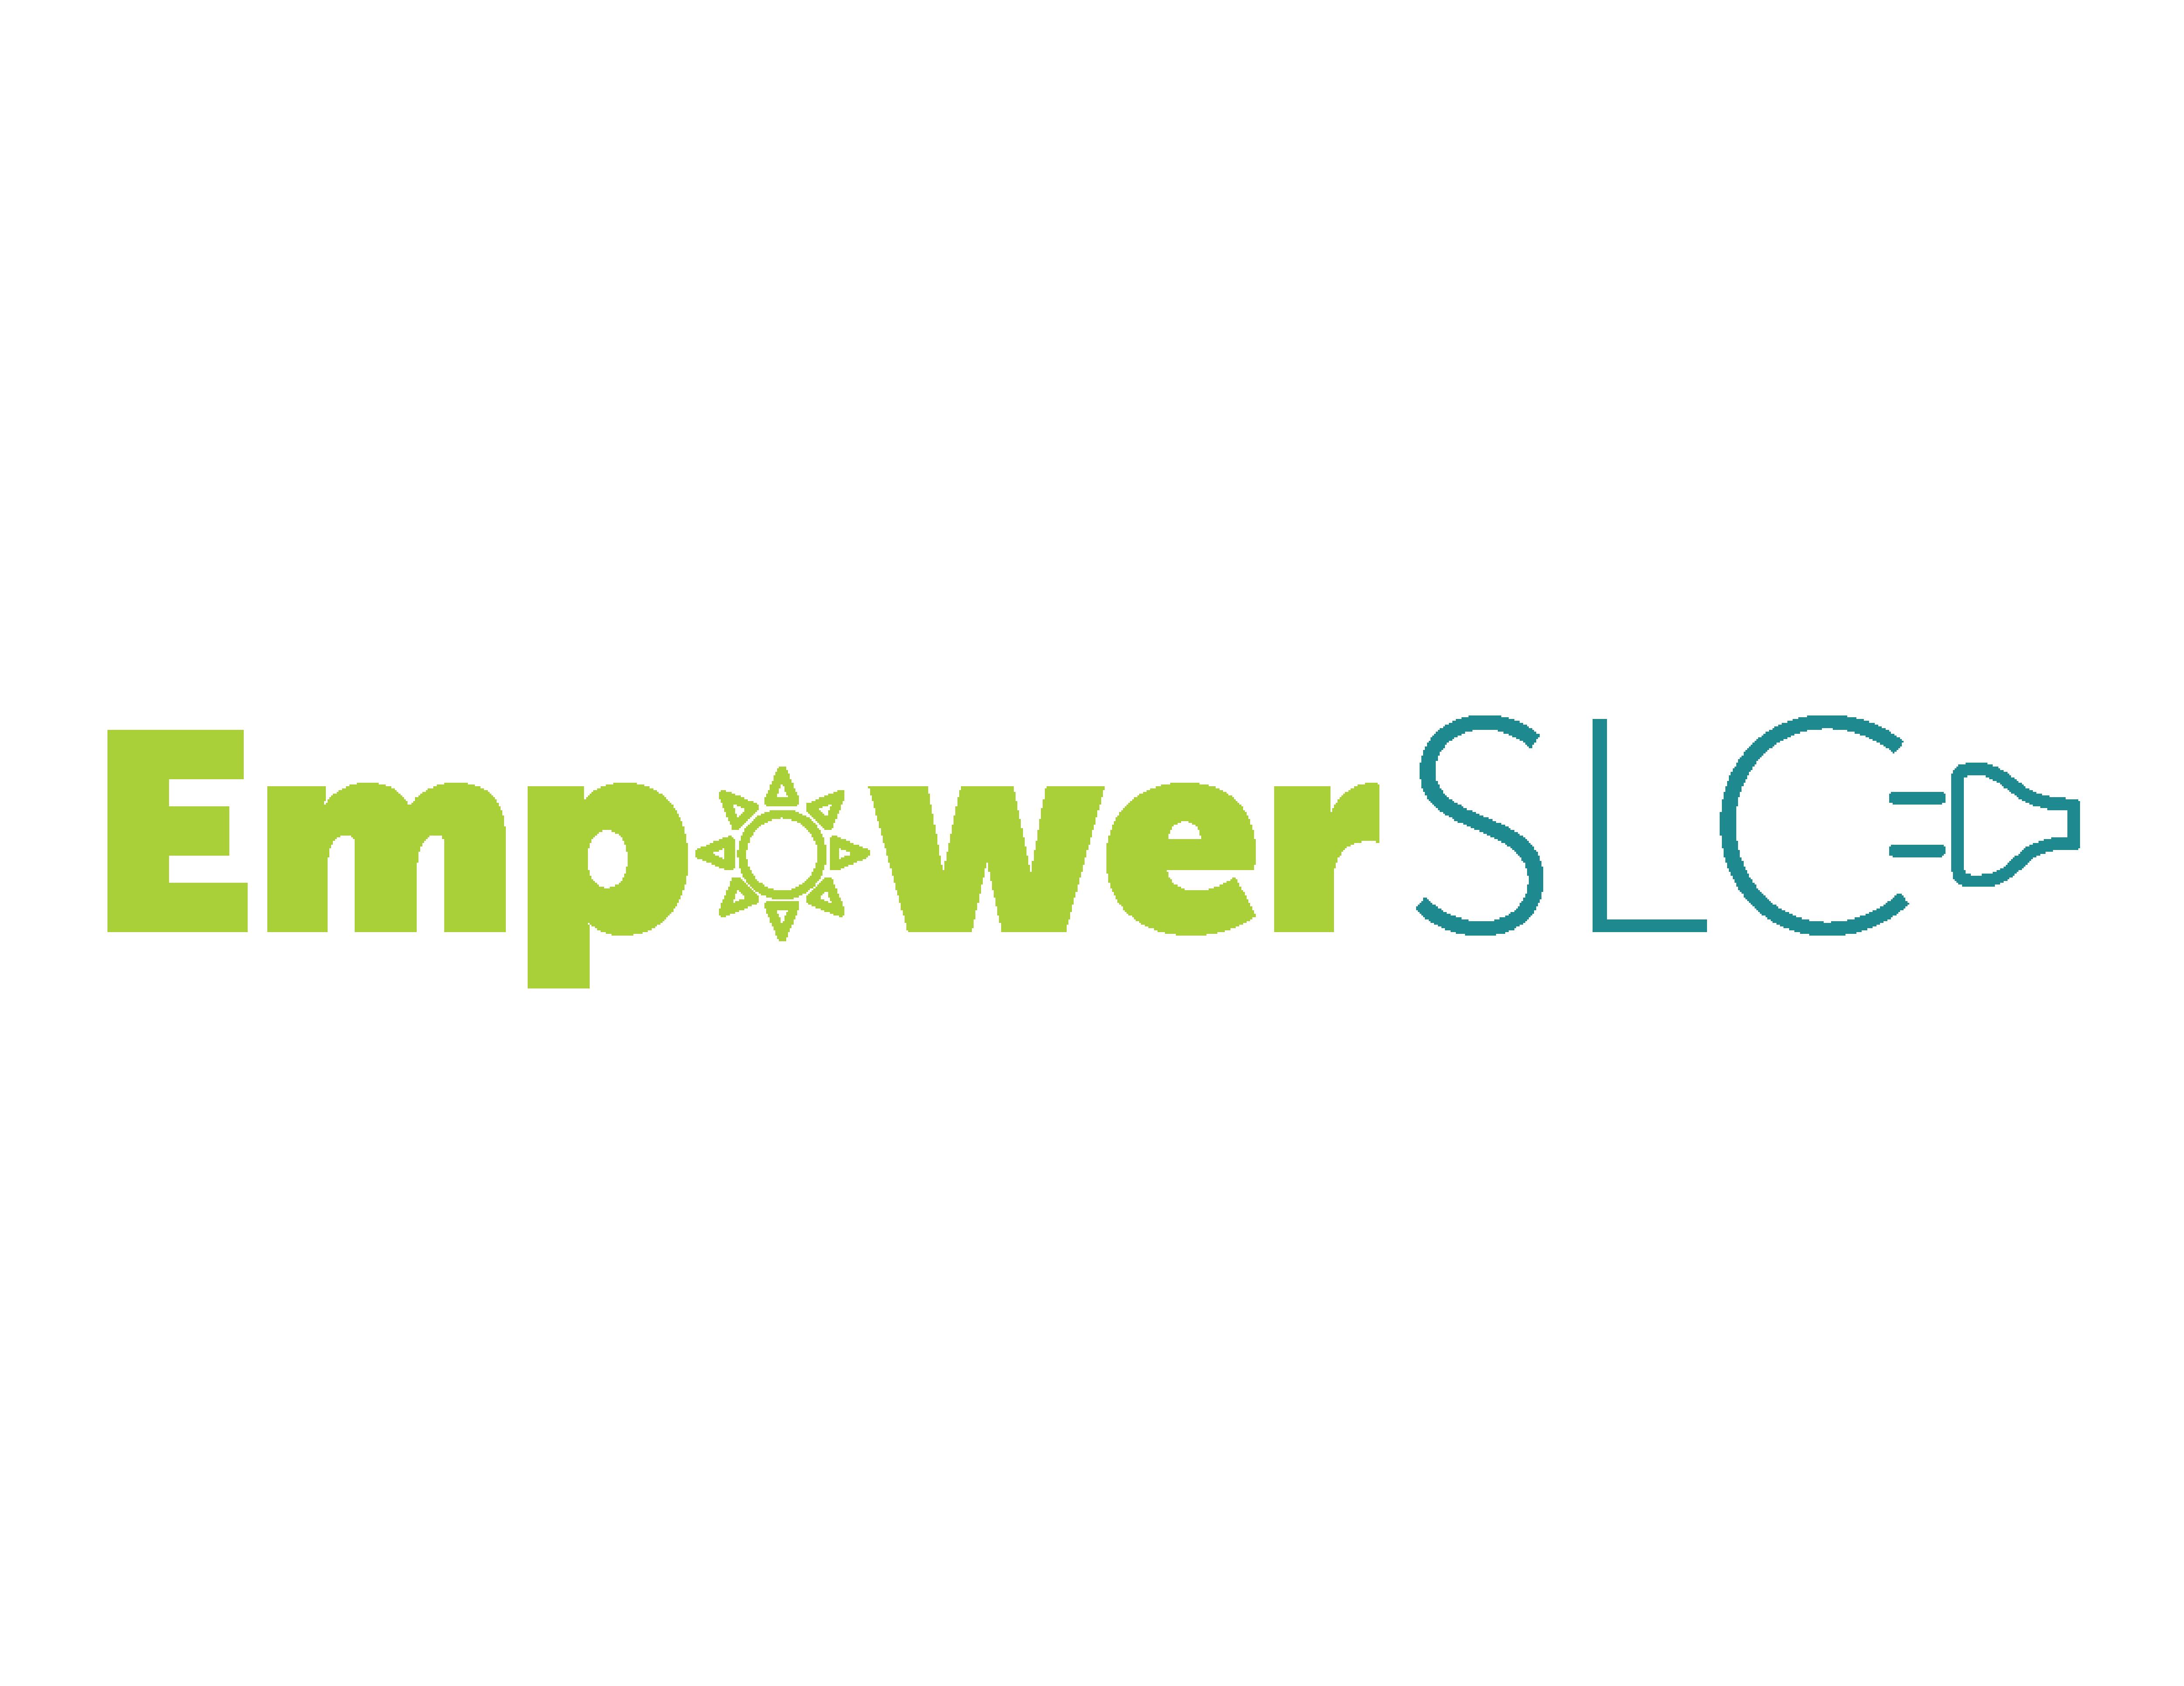 Empower SLC